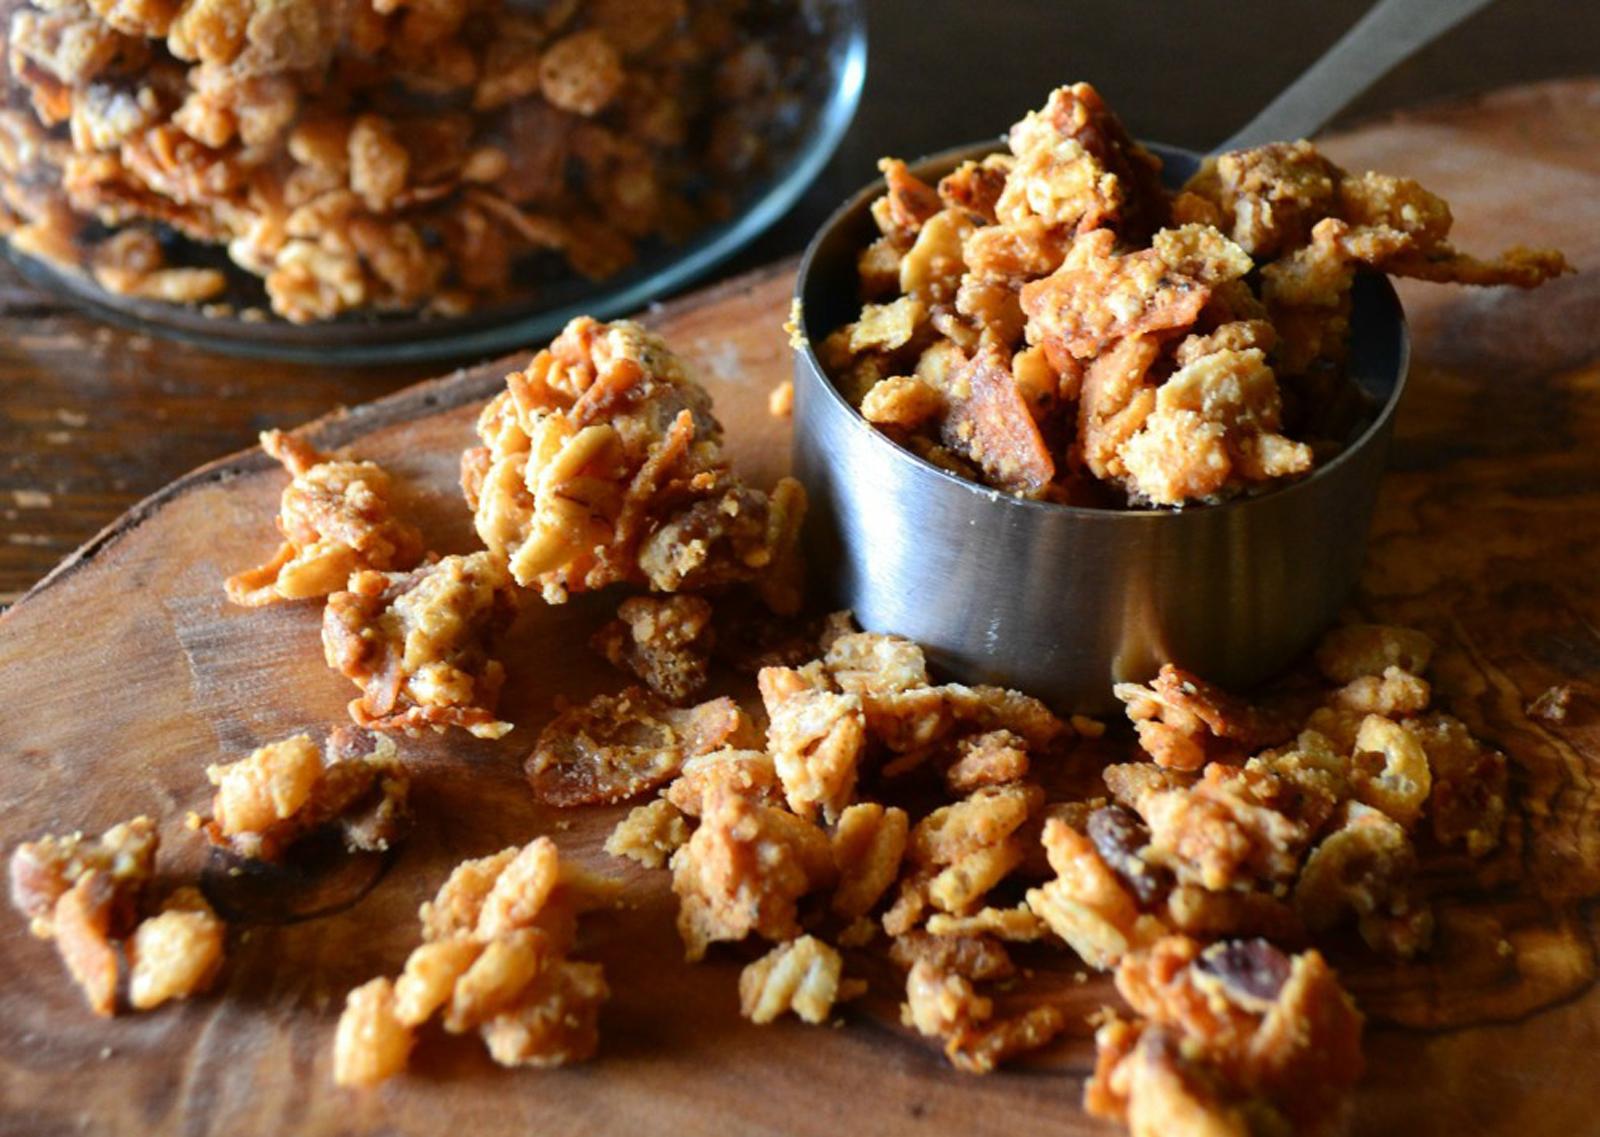 DIY Granola - Easy and Healthy!